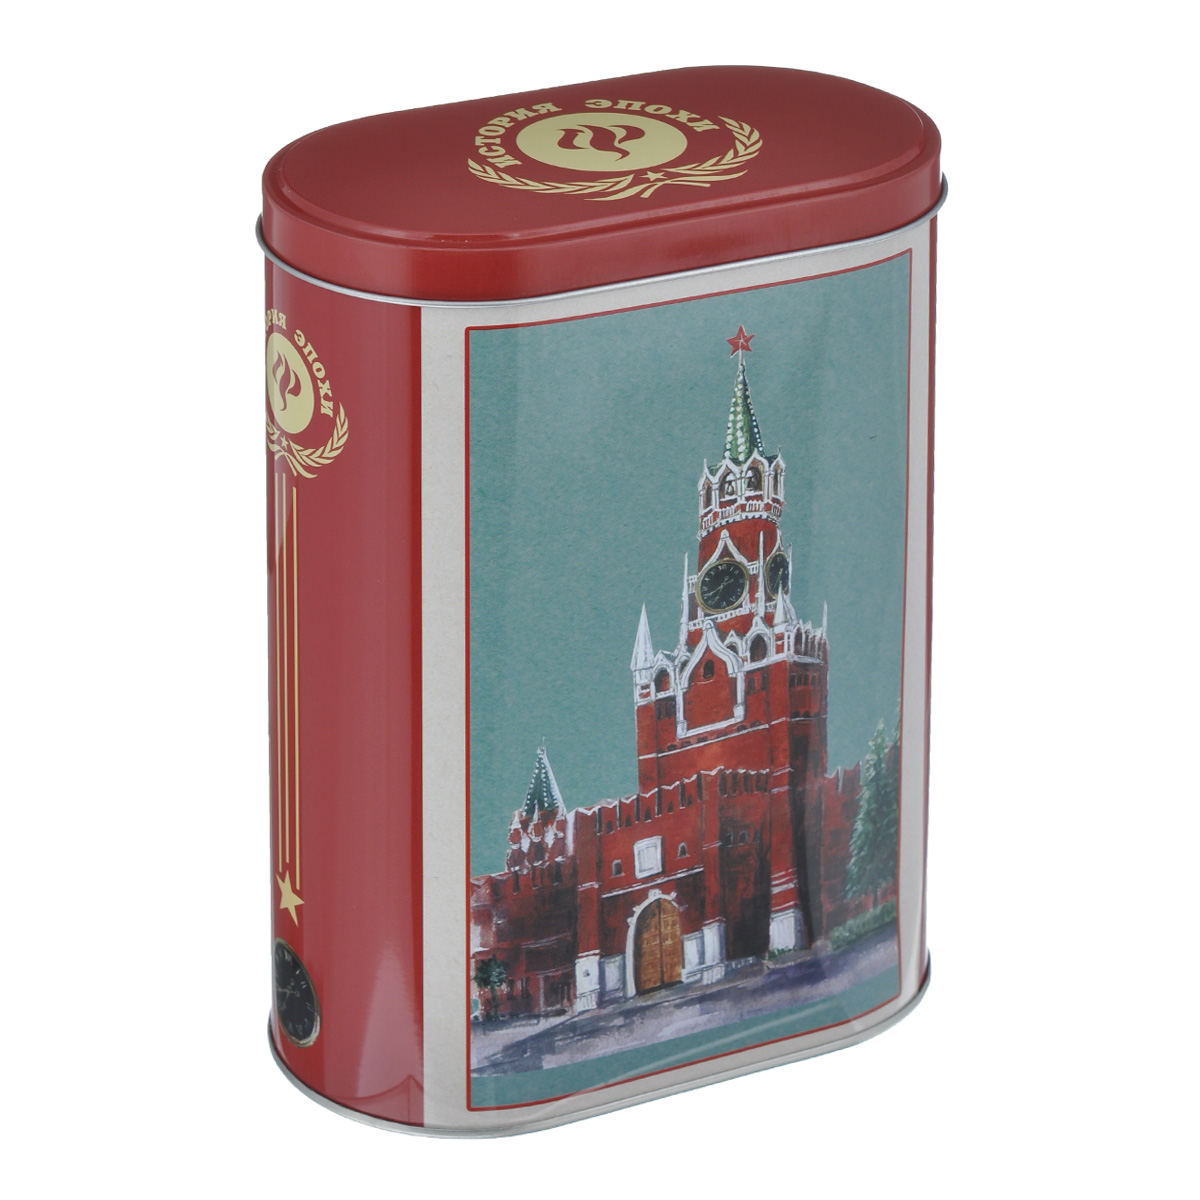 Банка для сыпучих продуктов Феникс-презент Кремль, 1,5 л банка для сыпучих продуктов феникс презент кофе 680 мл